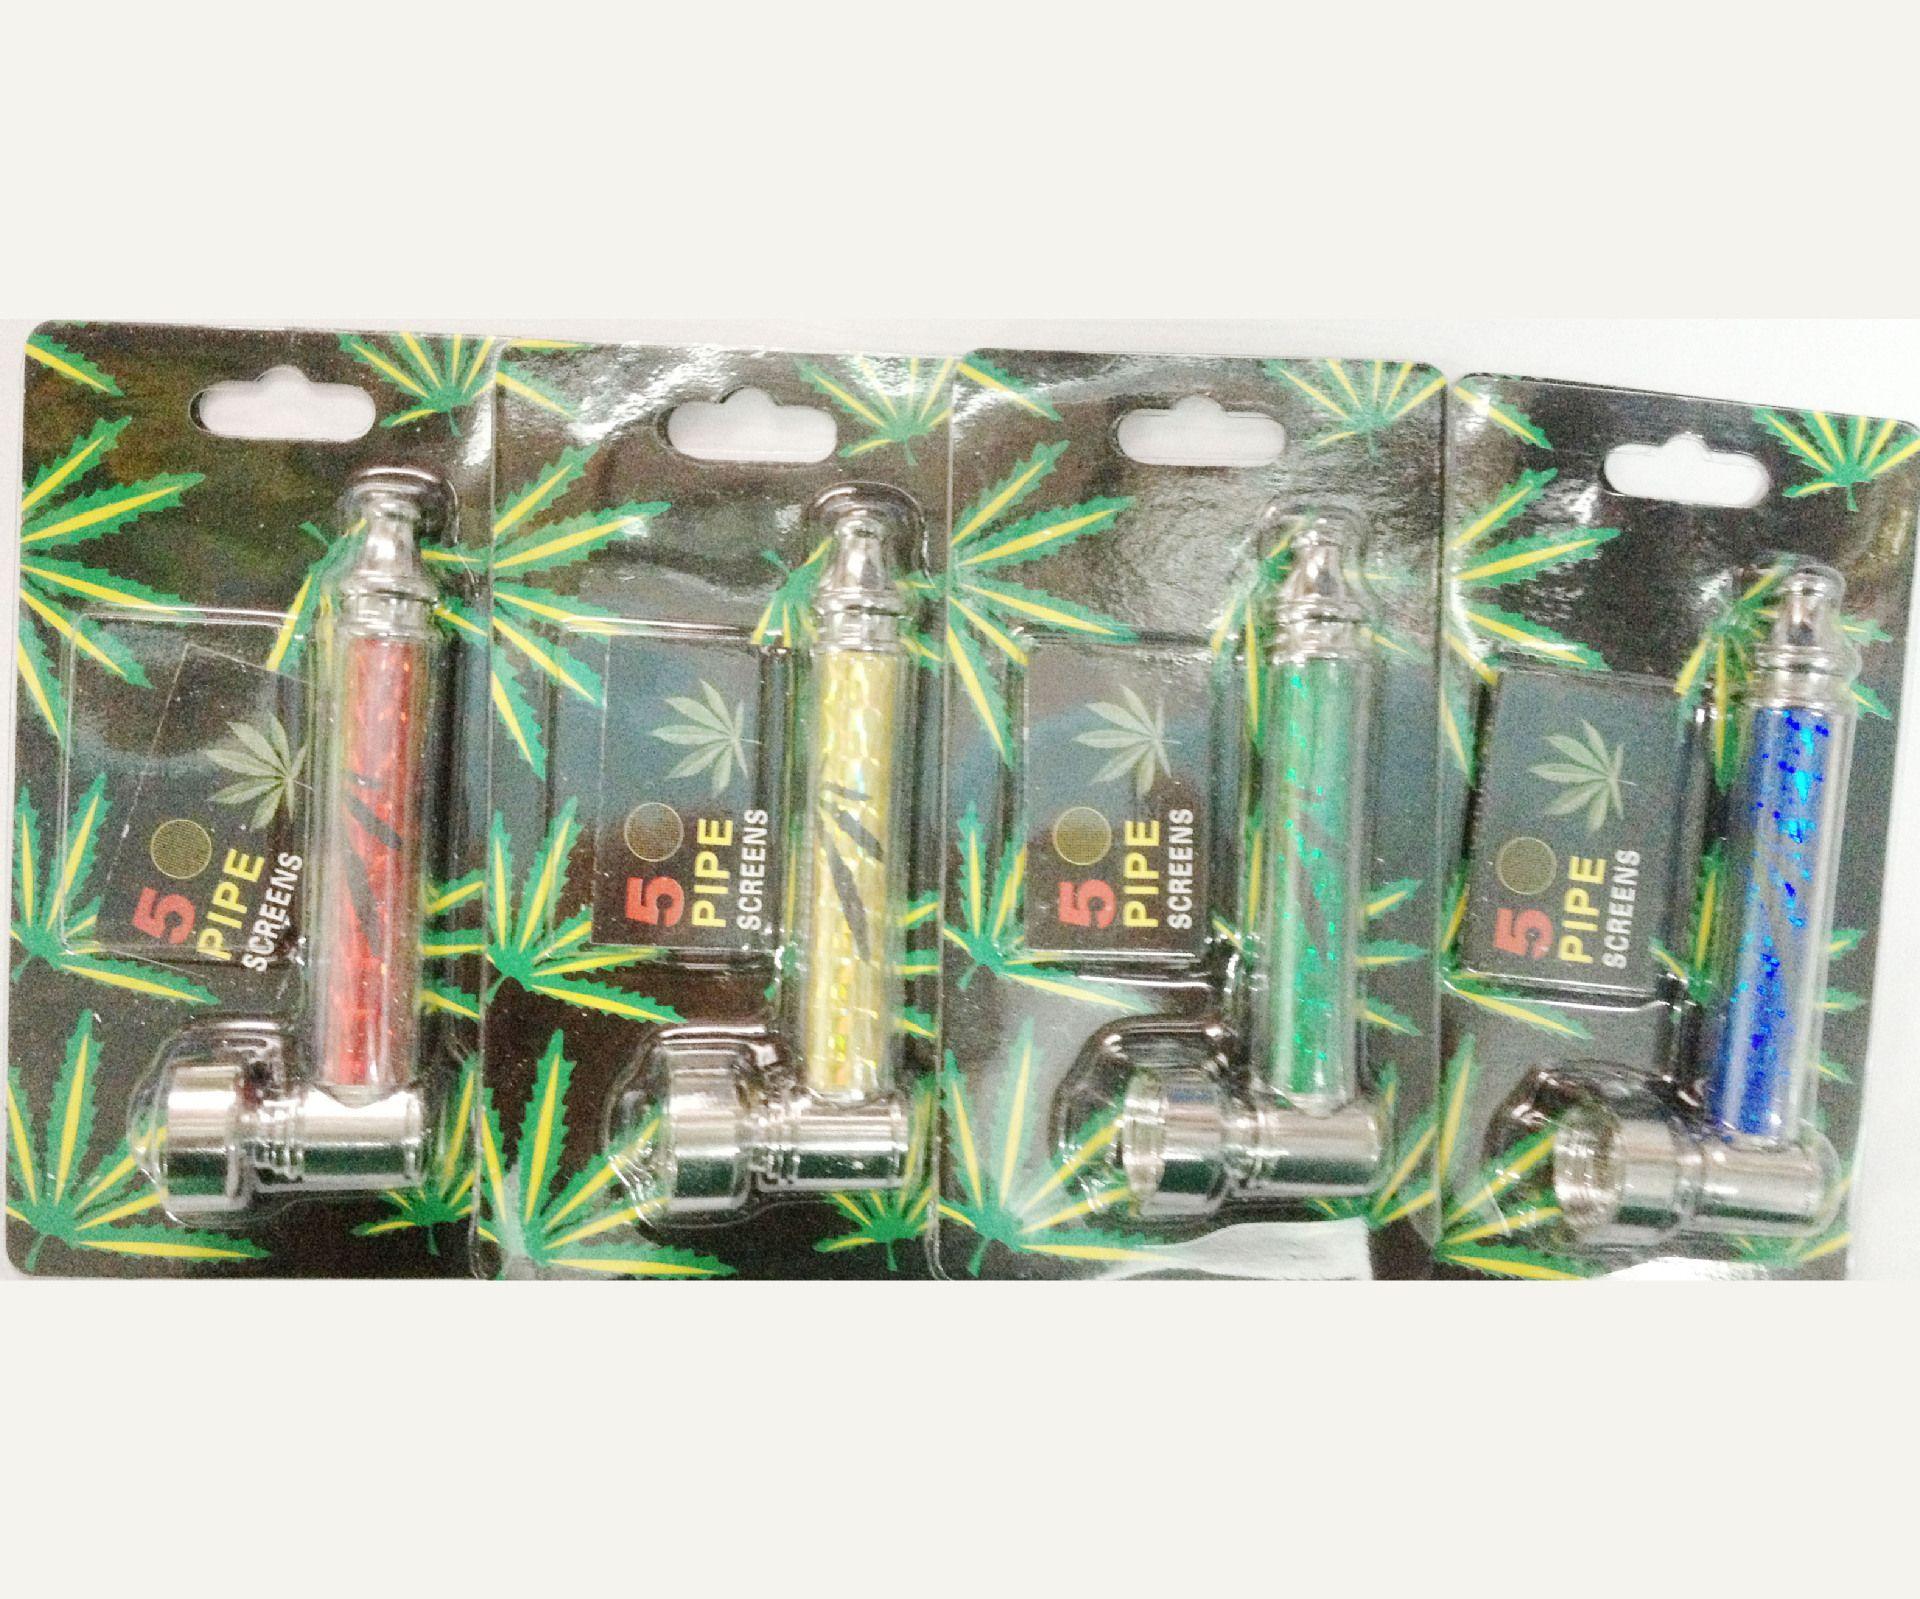 SMOKING pipe en métal pour fumer des pipes à base de tabac fumée fumée métal bruleur sec à l'huile brûleur d'expédition